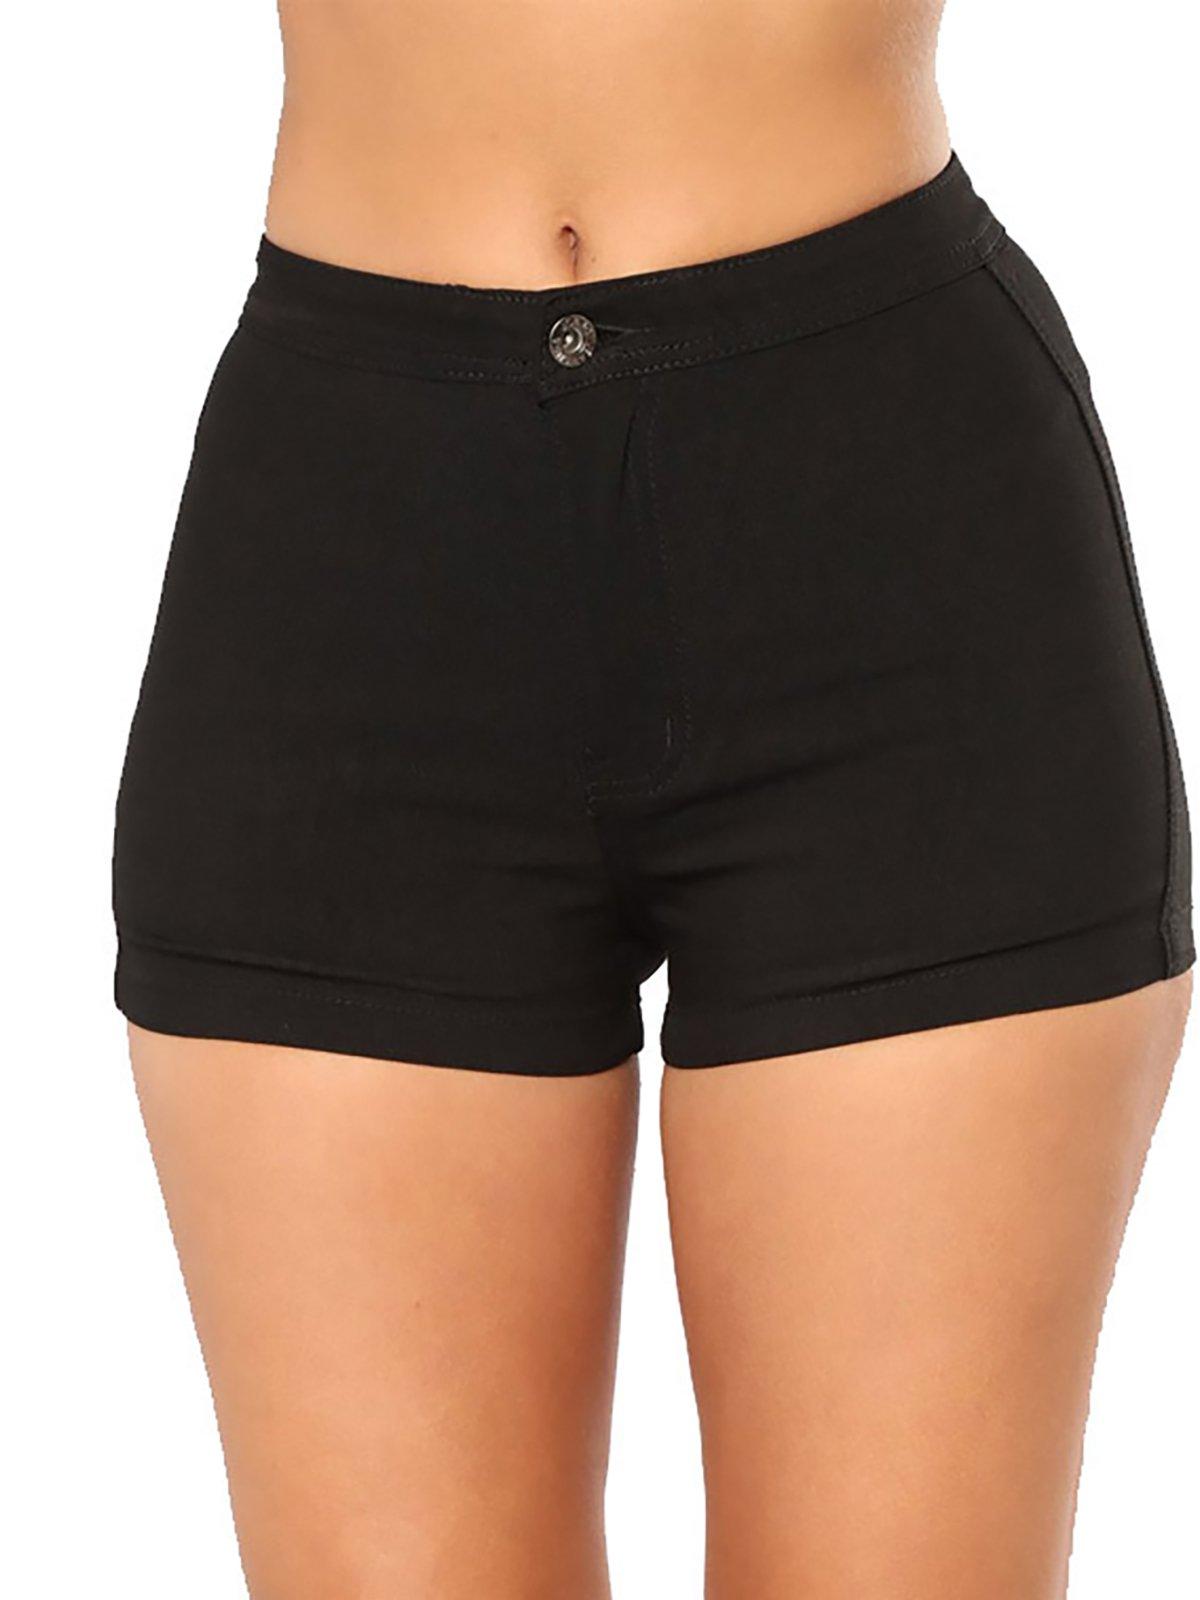 SOODEAR Women's Juniors High Waist Shorts Casual Summer Denim Short Jeans(Black,XL)